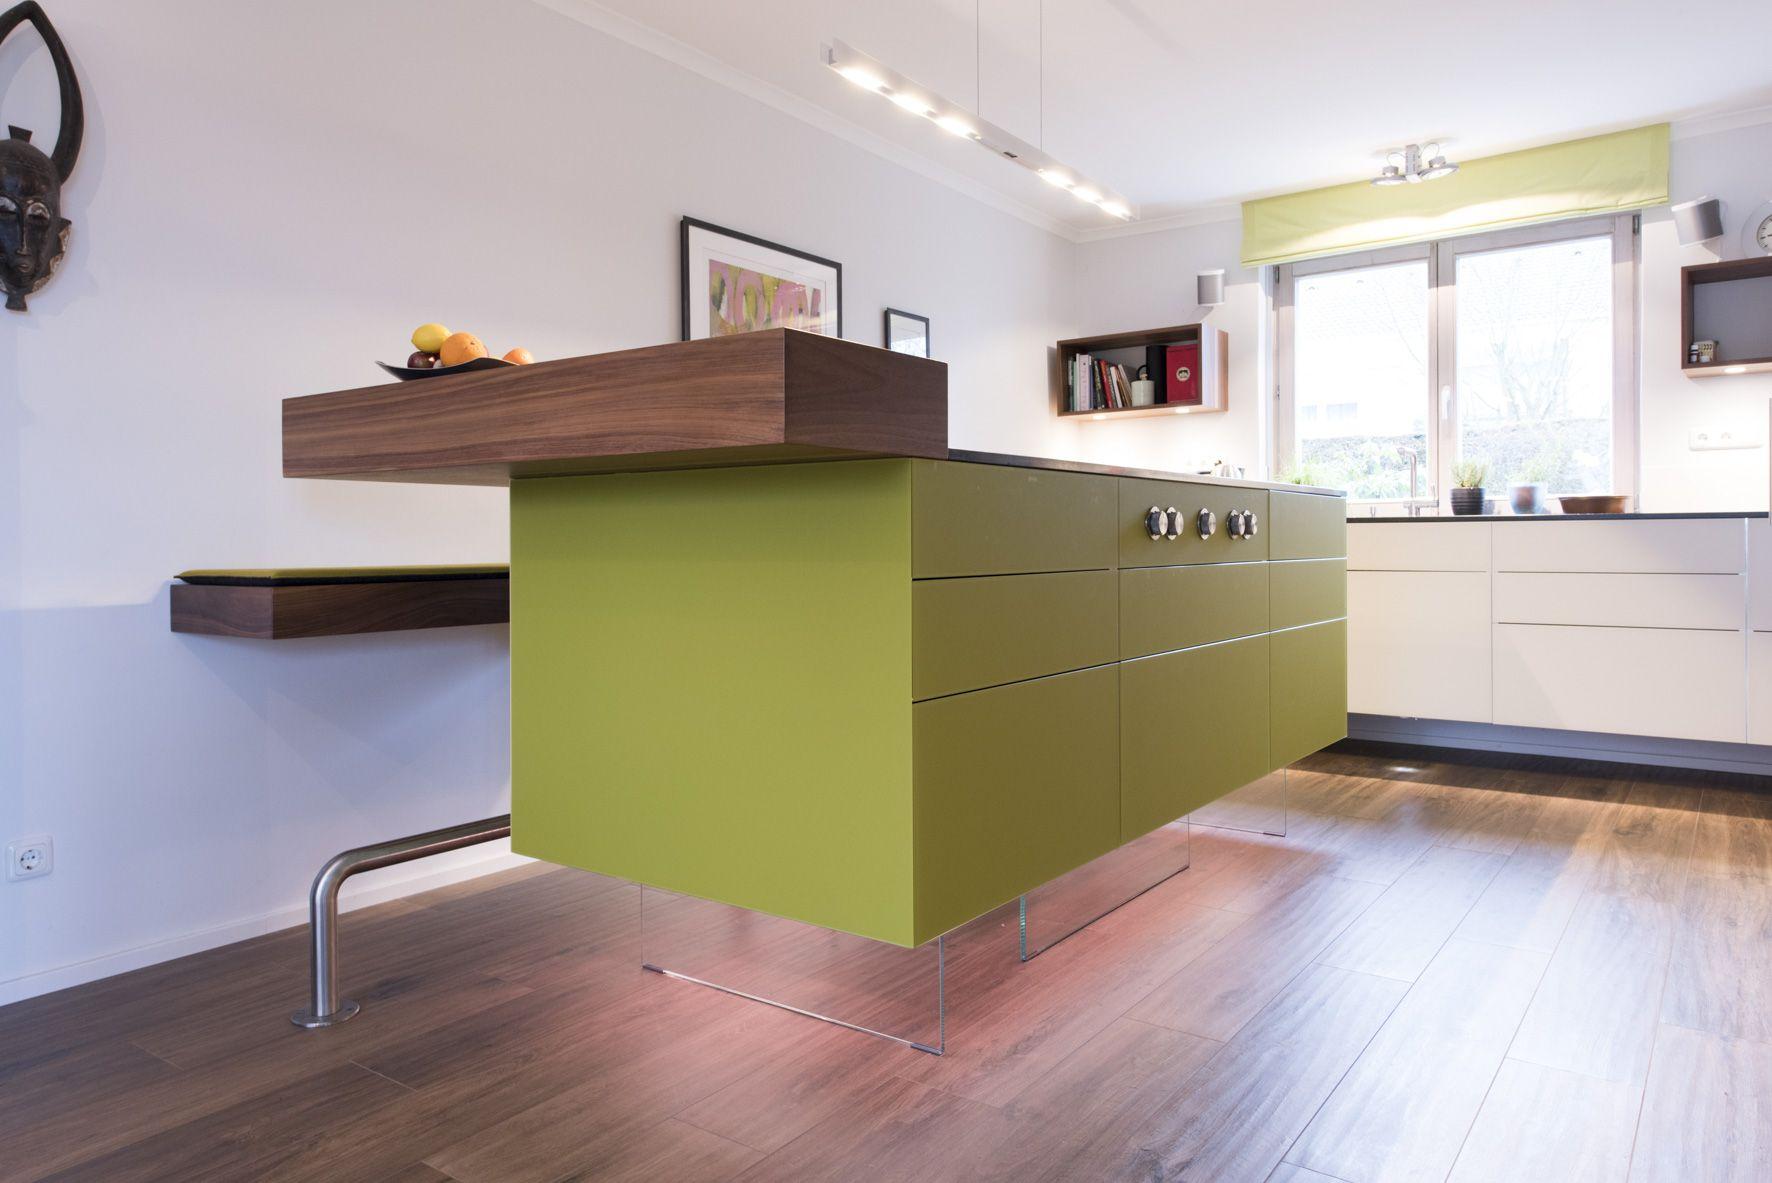 Kücheninsel Ideen ~ Eine schwebende kücheninsel loft küche ideen einrichtung